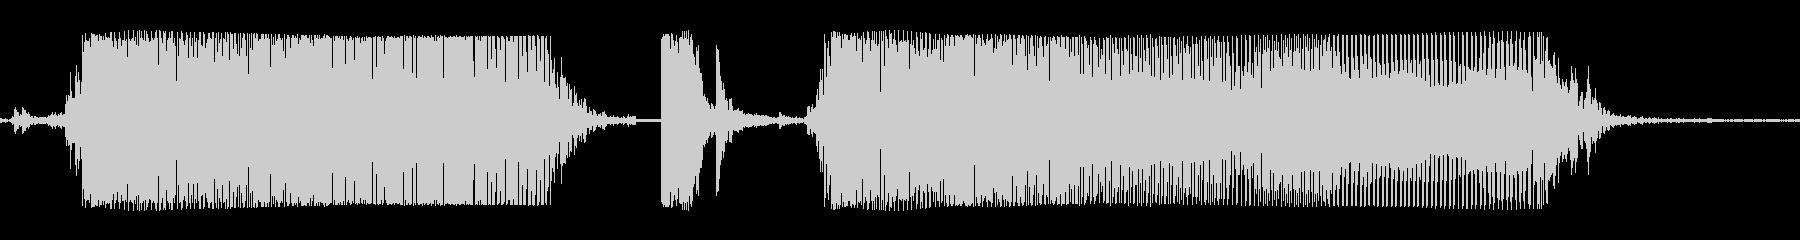 ギターメタルパワーコードZDの未再生の波形